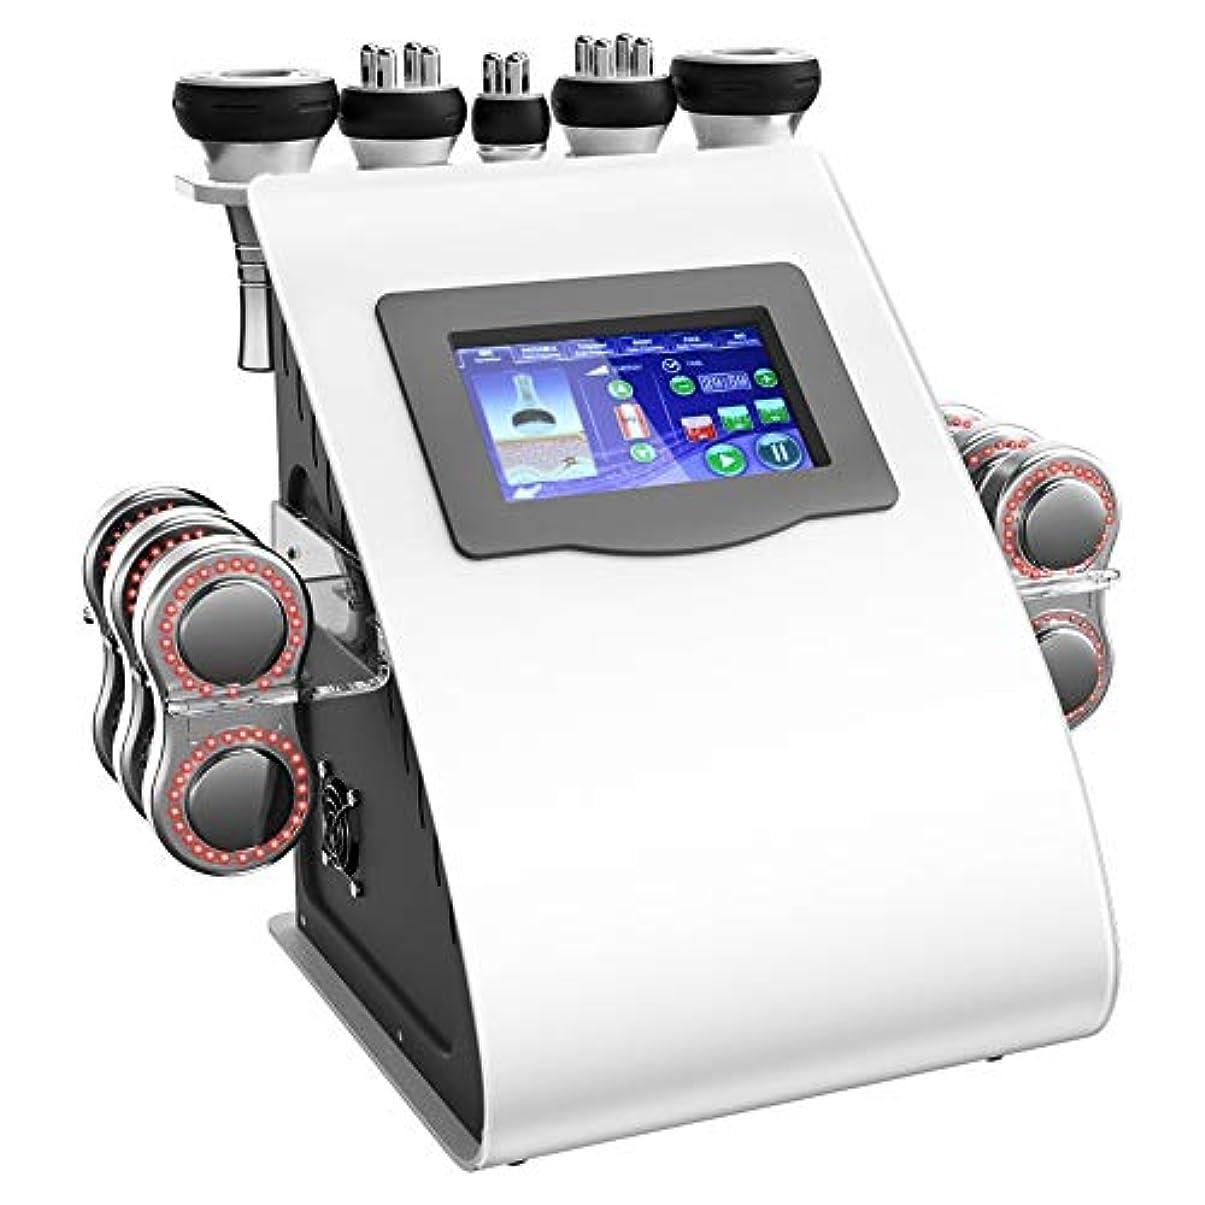 マウス添加剤ピル5-in-1振動ボディ整形マッサージ機、40Kフルボディーロスロスマッサージャー多極ブラスト脂肪計器フェイシャルスキンリフティングタイトング美容機(5マッサージヘッド)CE、FDA承認(110?240V)